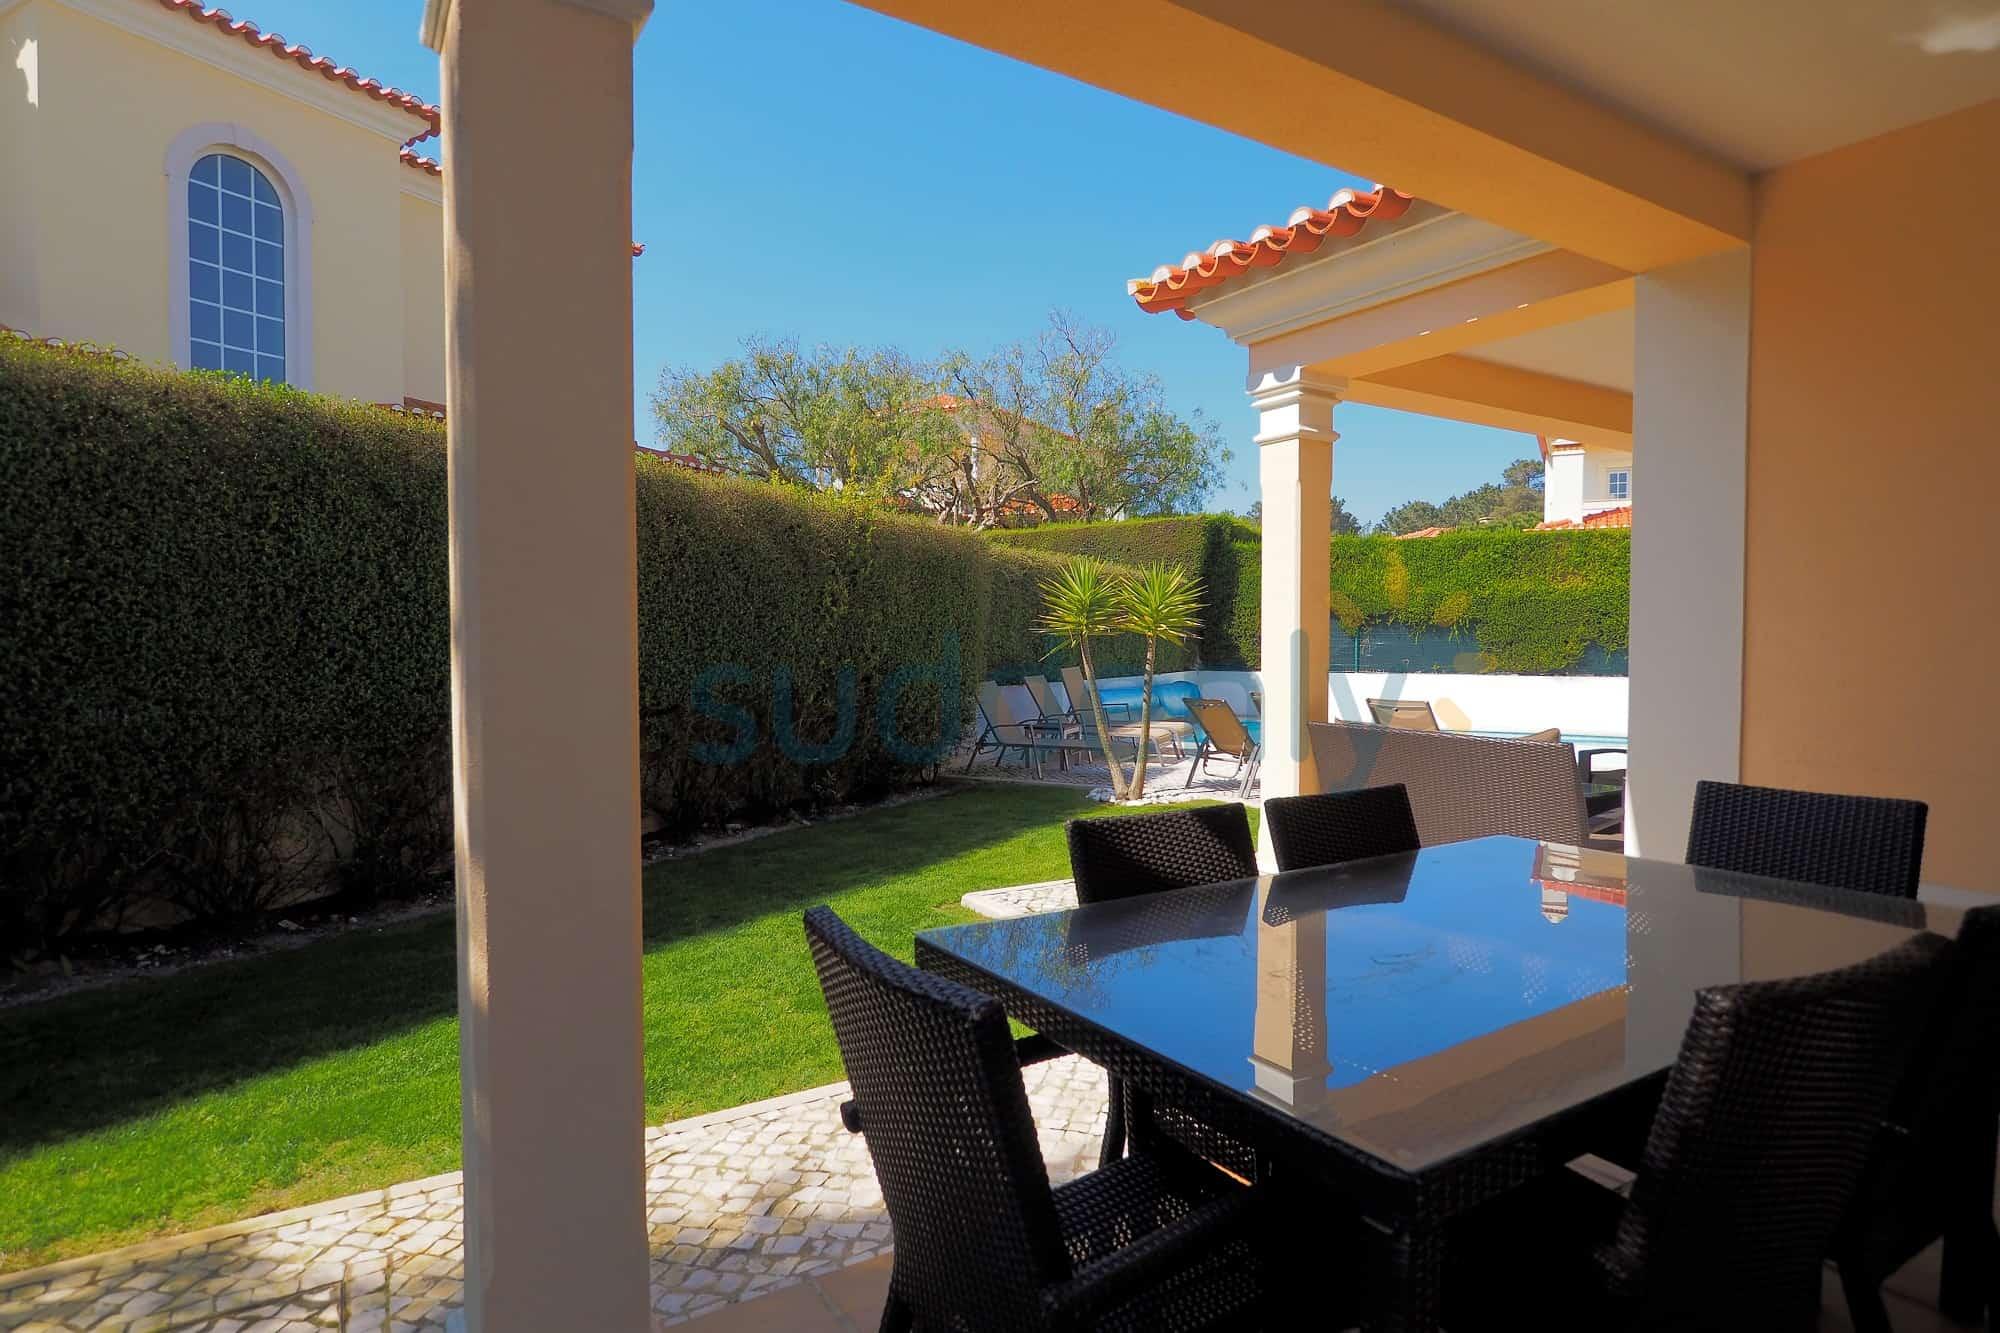 Holiday Rentals in Praia D'El Rey 14